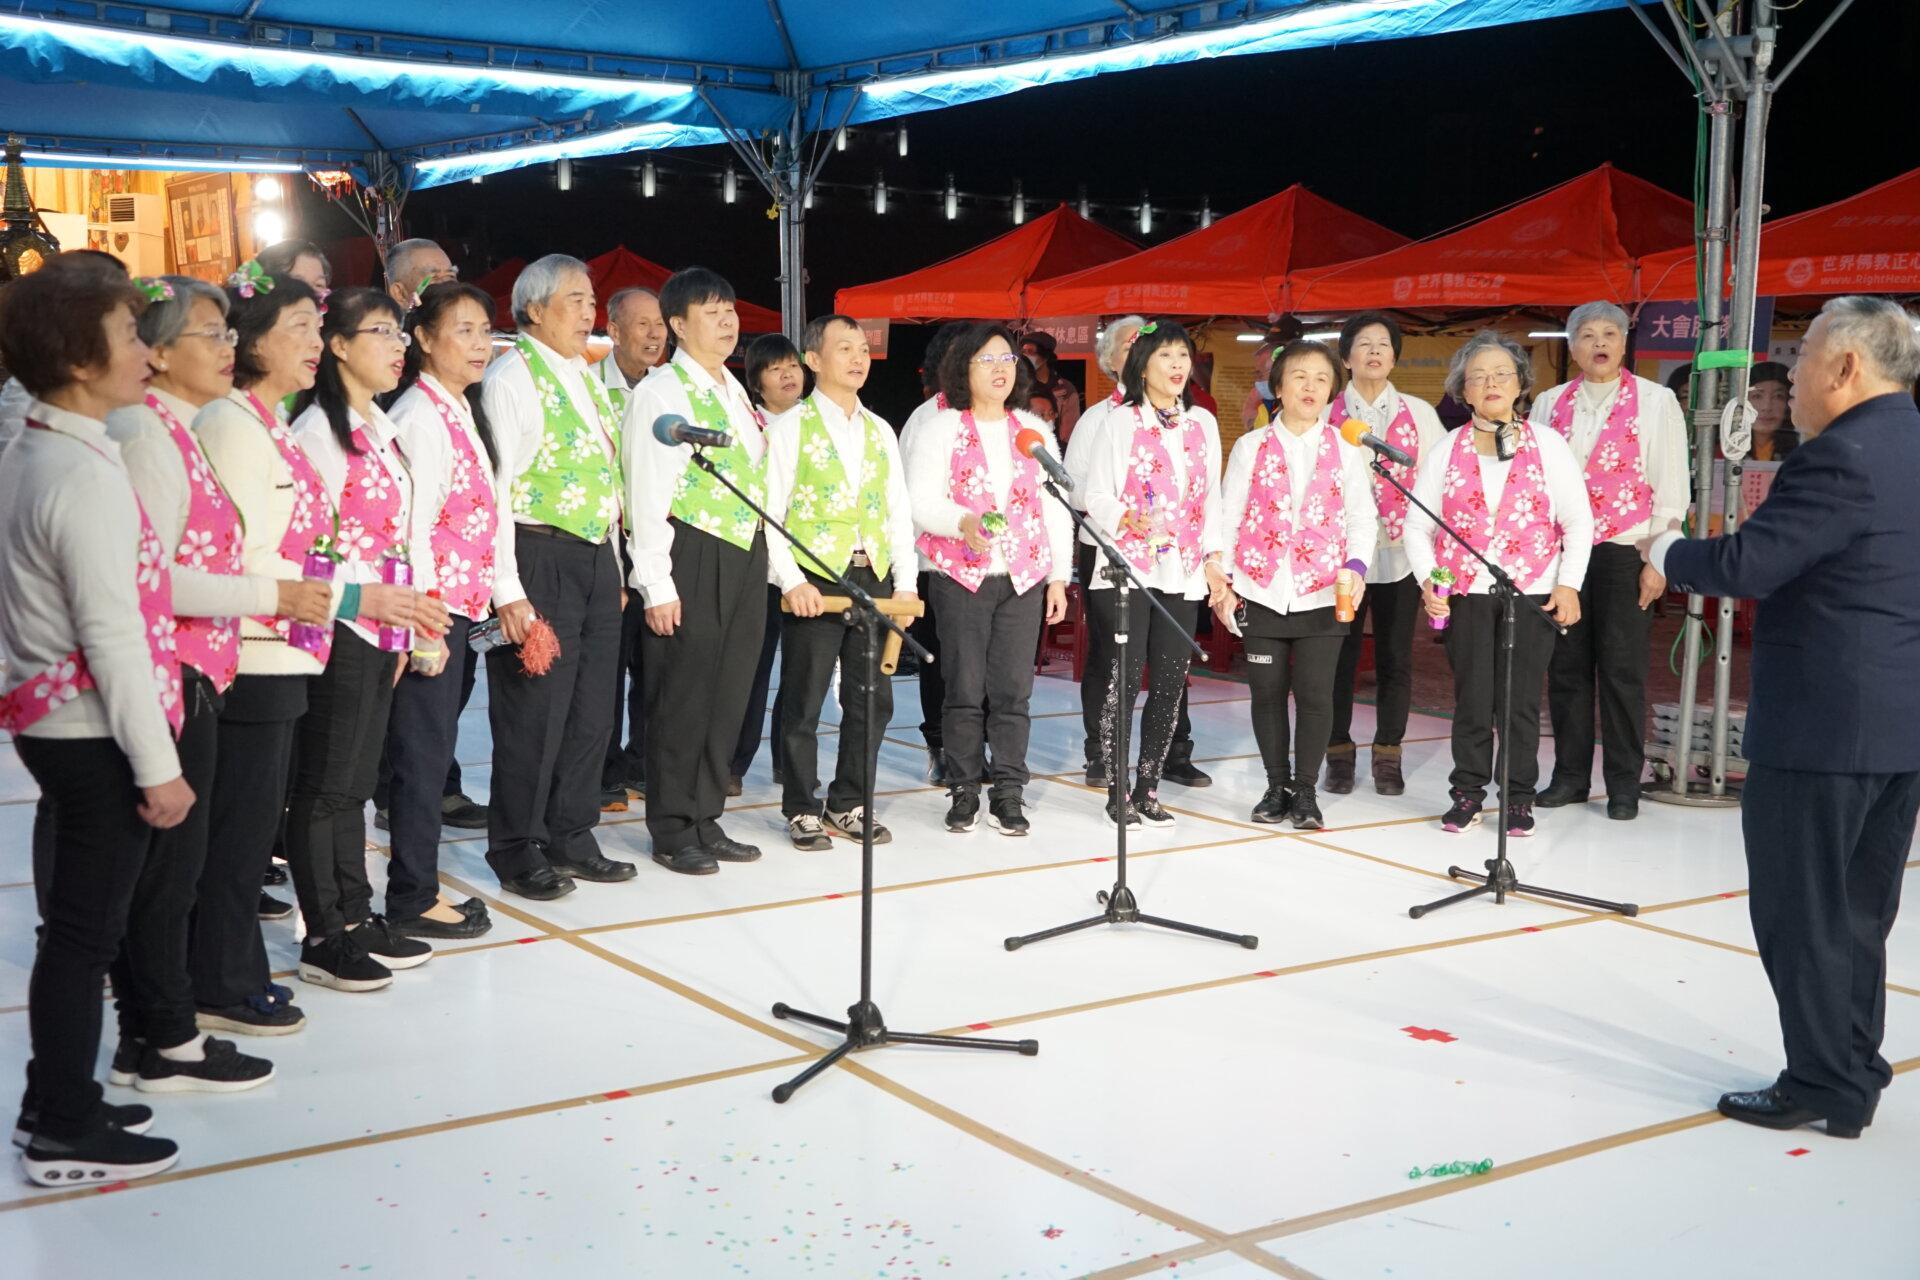 行動佛殿 樂藝供佛 基隆市客家文化協會合唱團